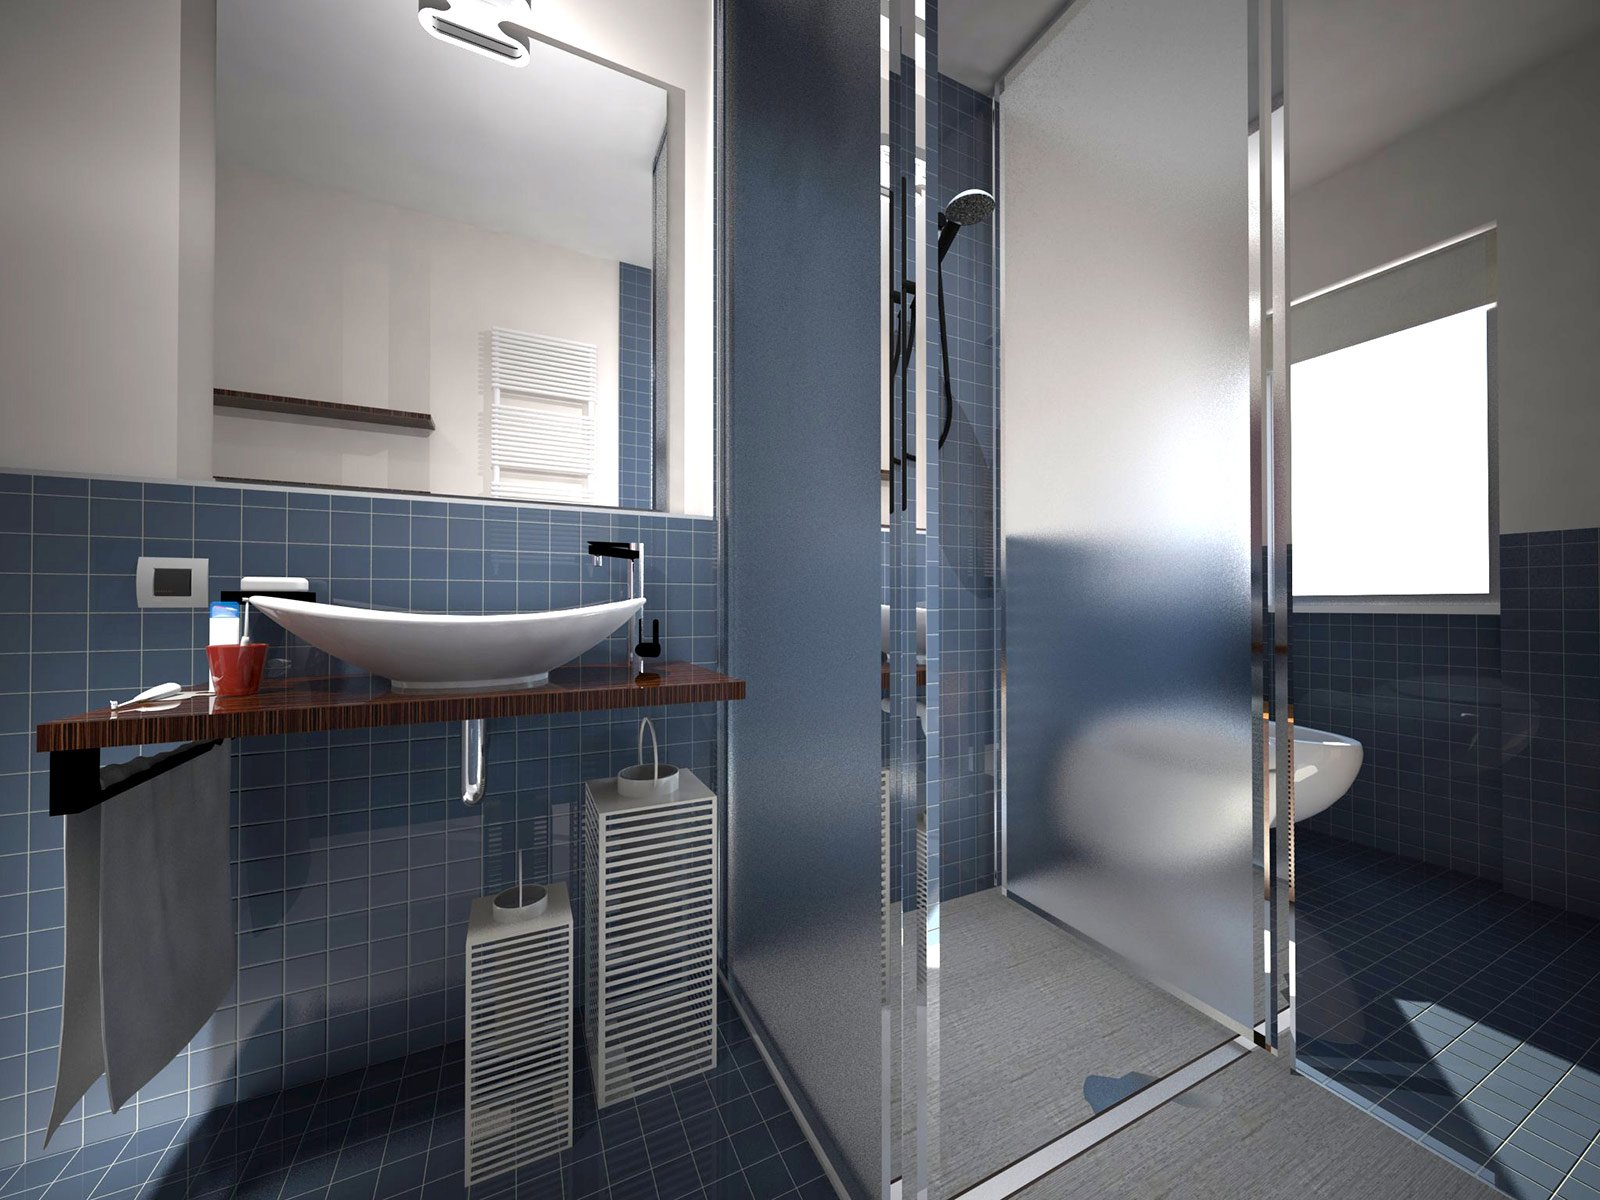 Dove metto la doccia nel bagno lungo e stretto cose di casa - Scaldare il bagno elettricamente ...